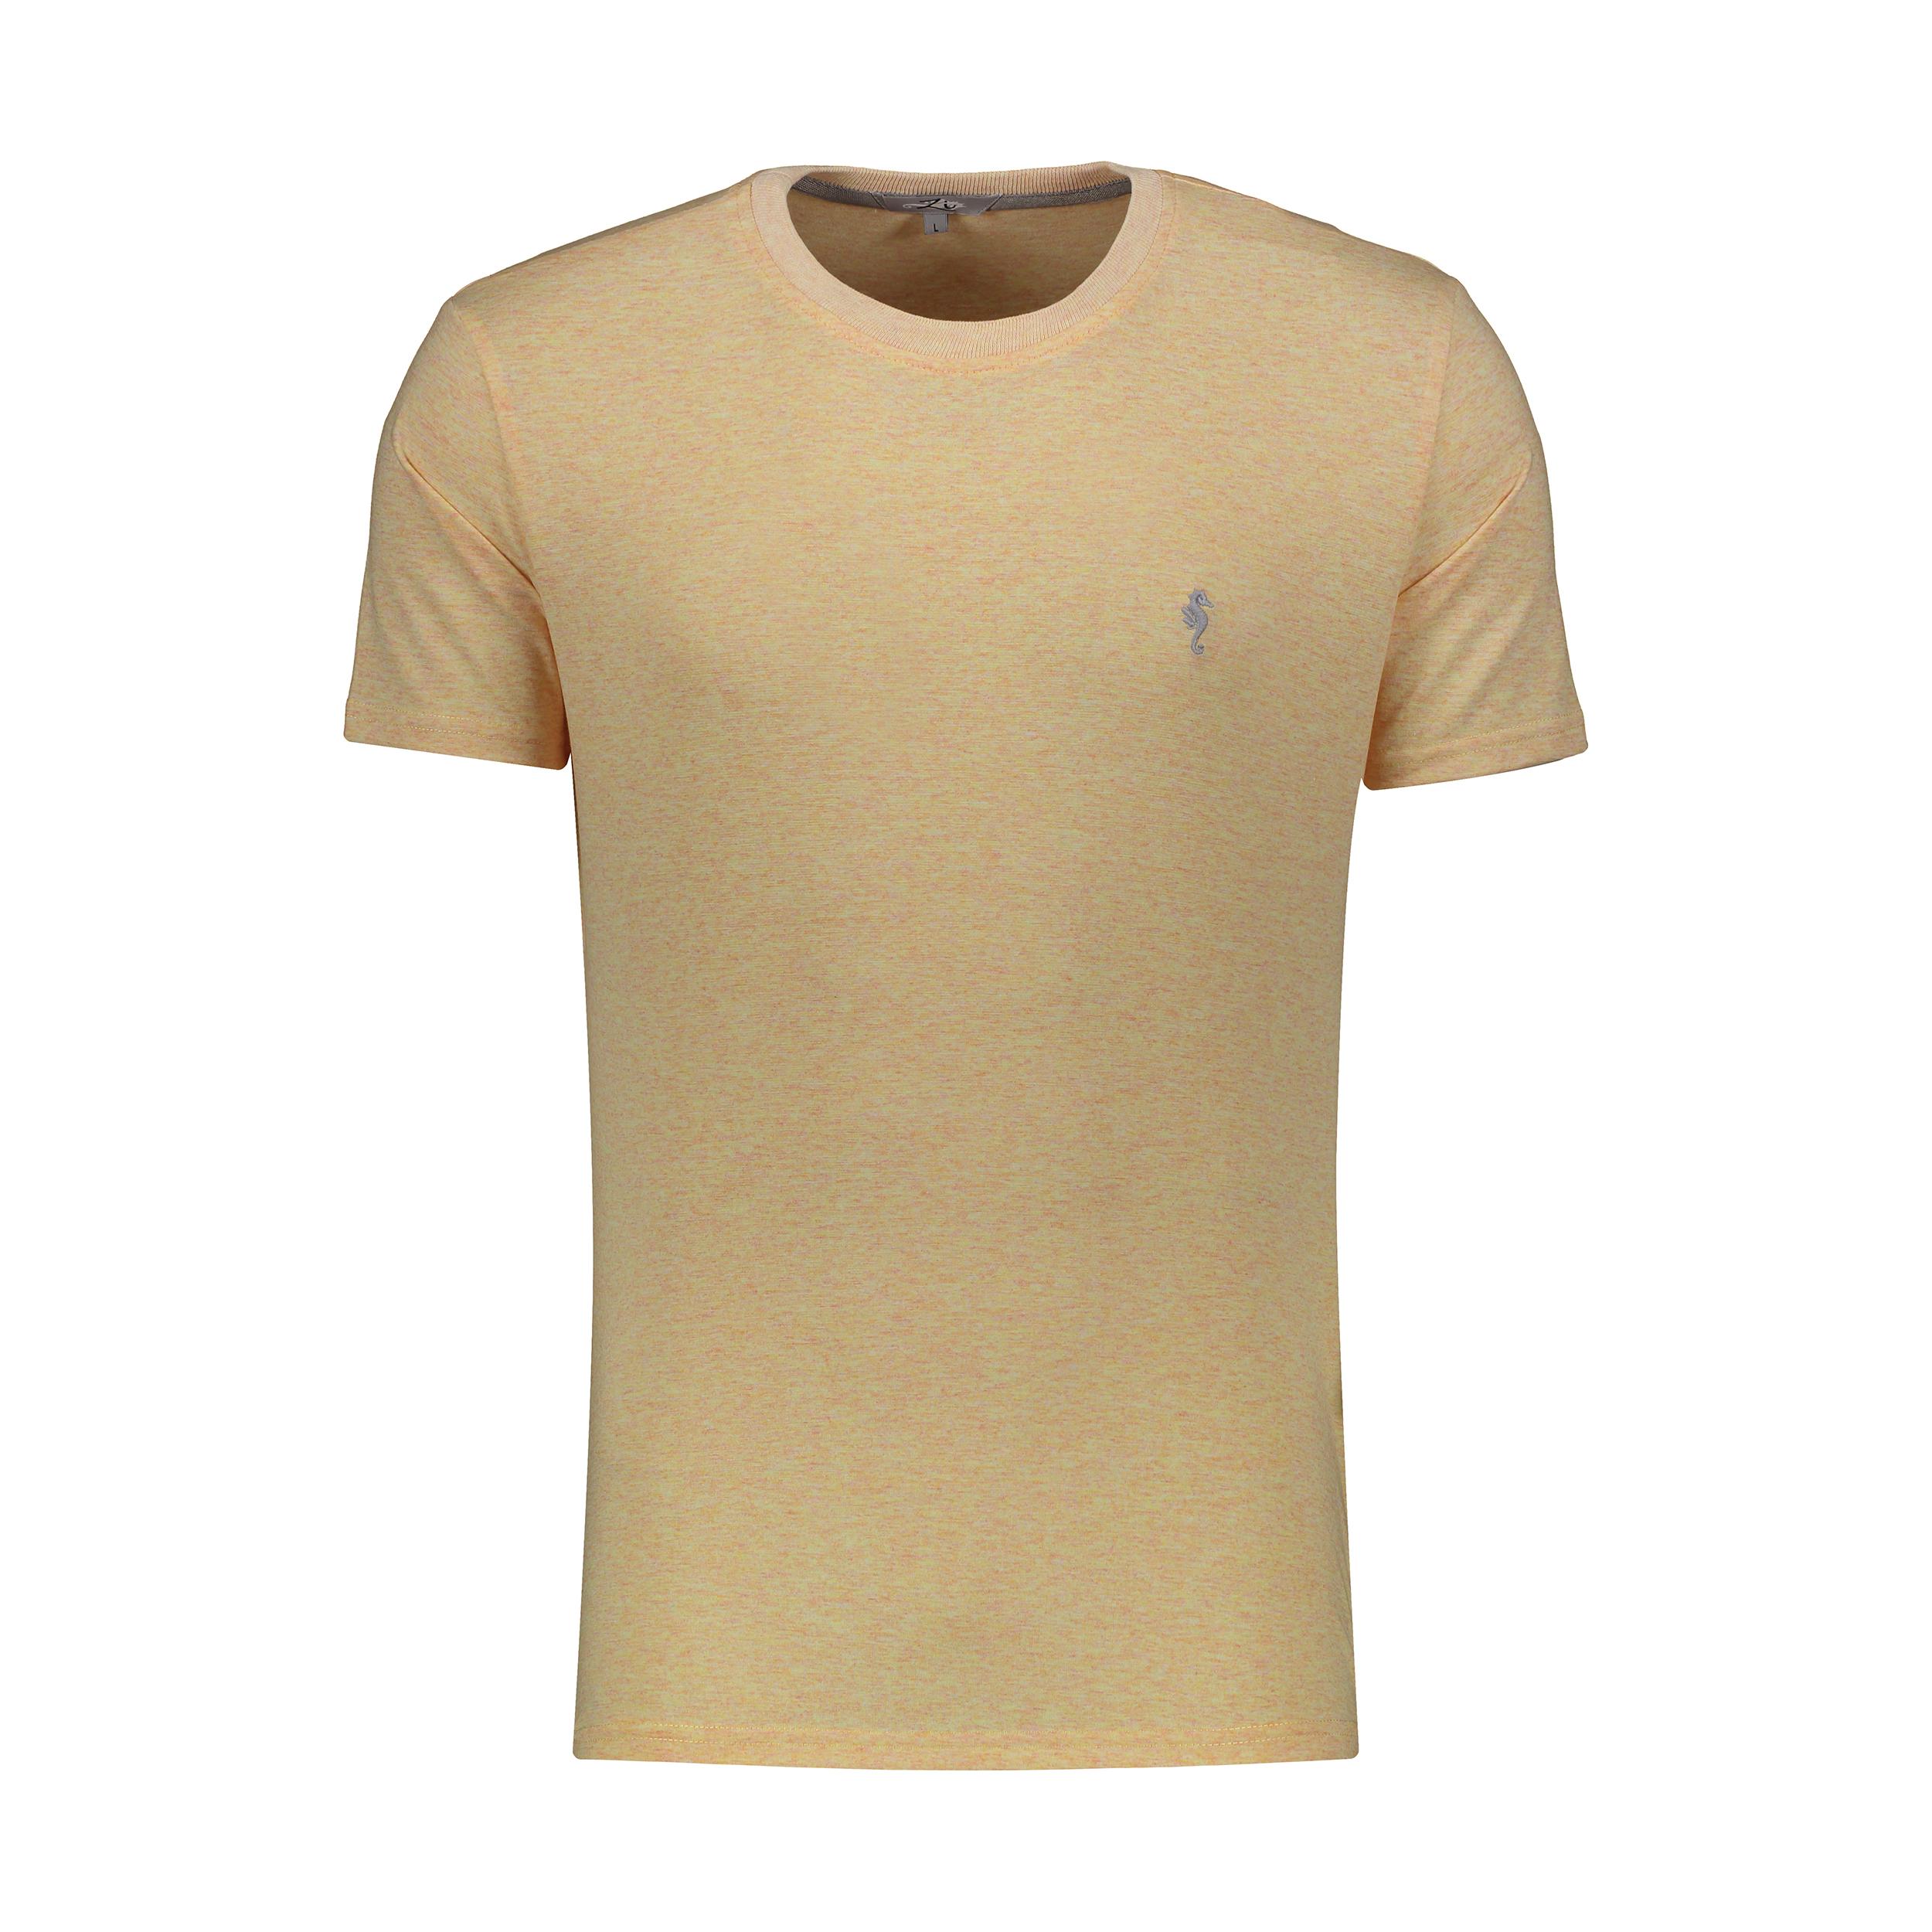 تی شرته مردانه زی مدل 153133423LG